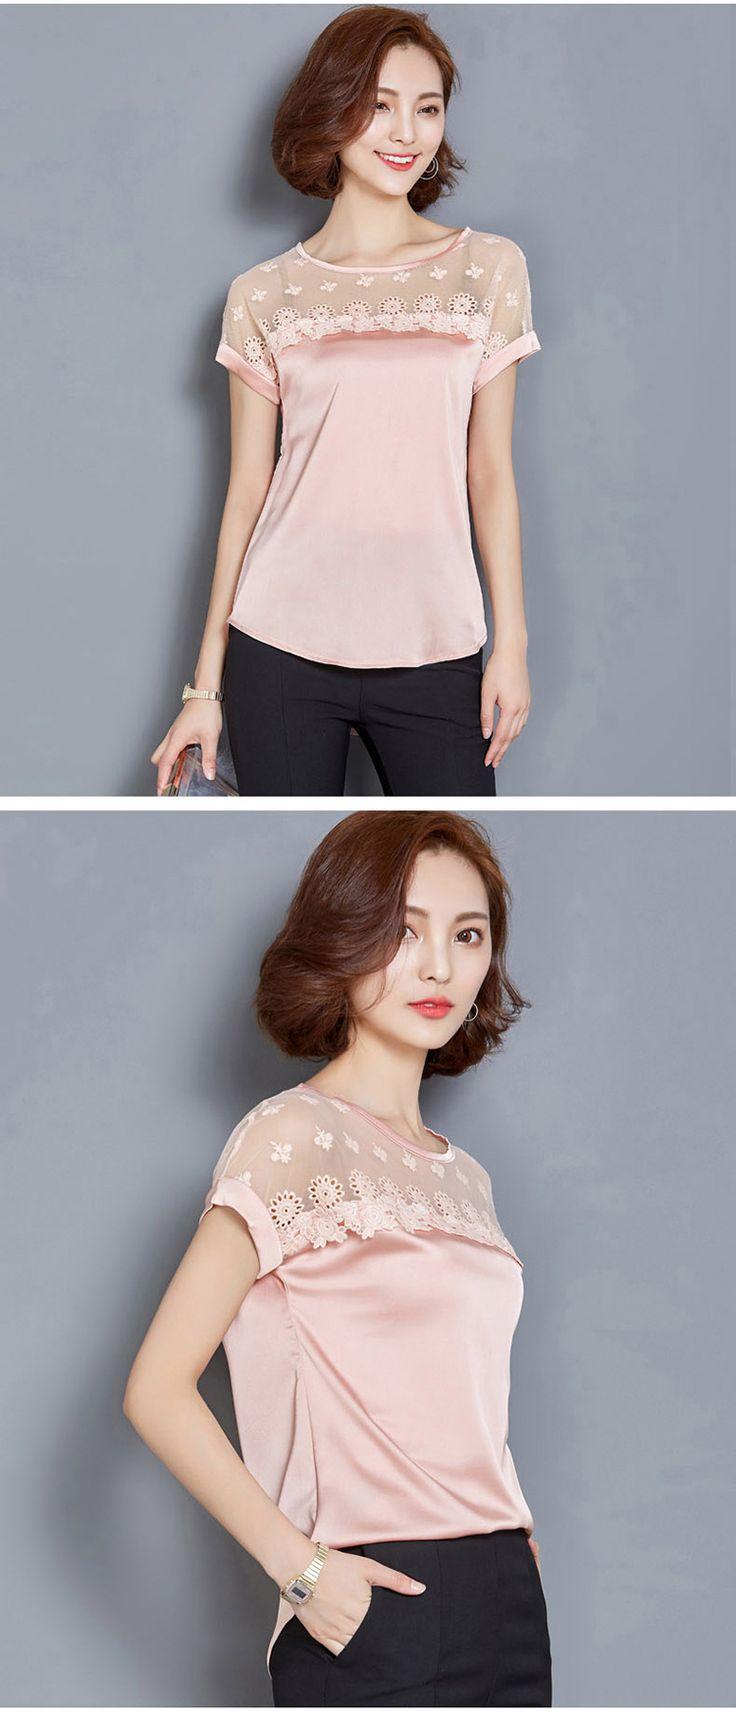 Coreano 2016 verão das mulheres de seda costura blusas feminino Casual Plus Size Tops Sexy blusa camisas em Blusas de Roupas e Acessórios no AliExpress.com   Alibaba Group